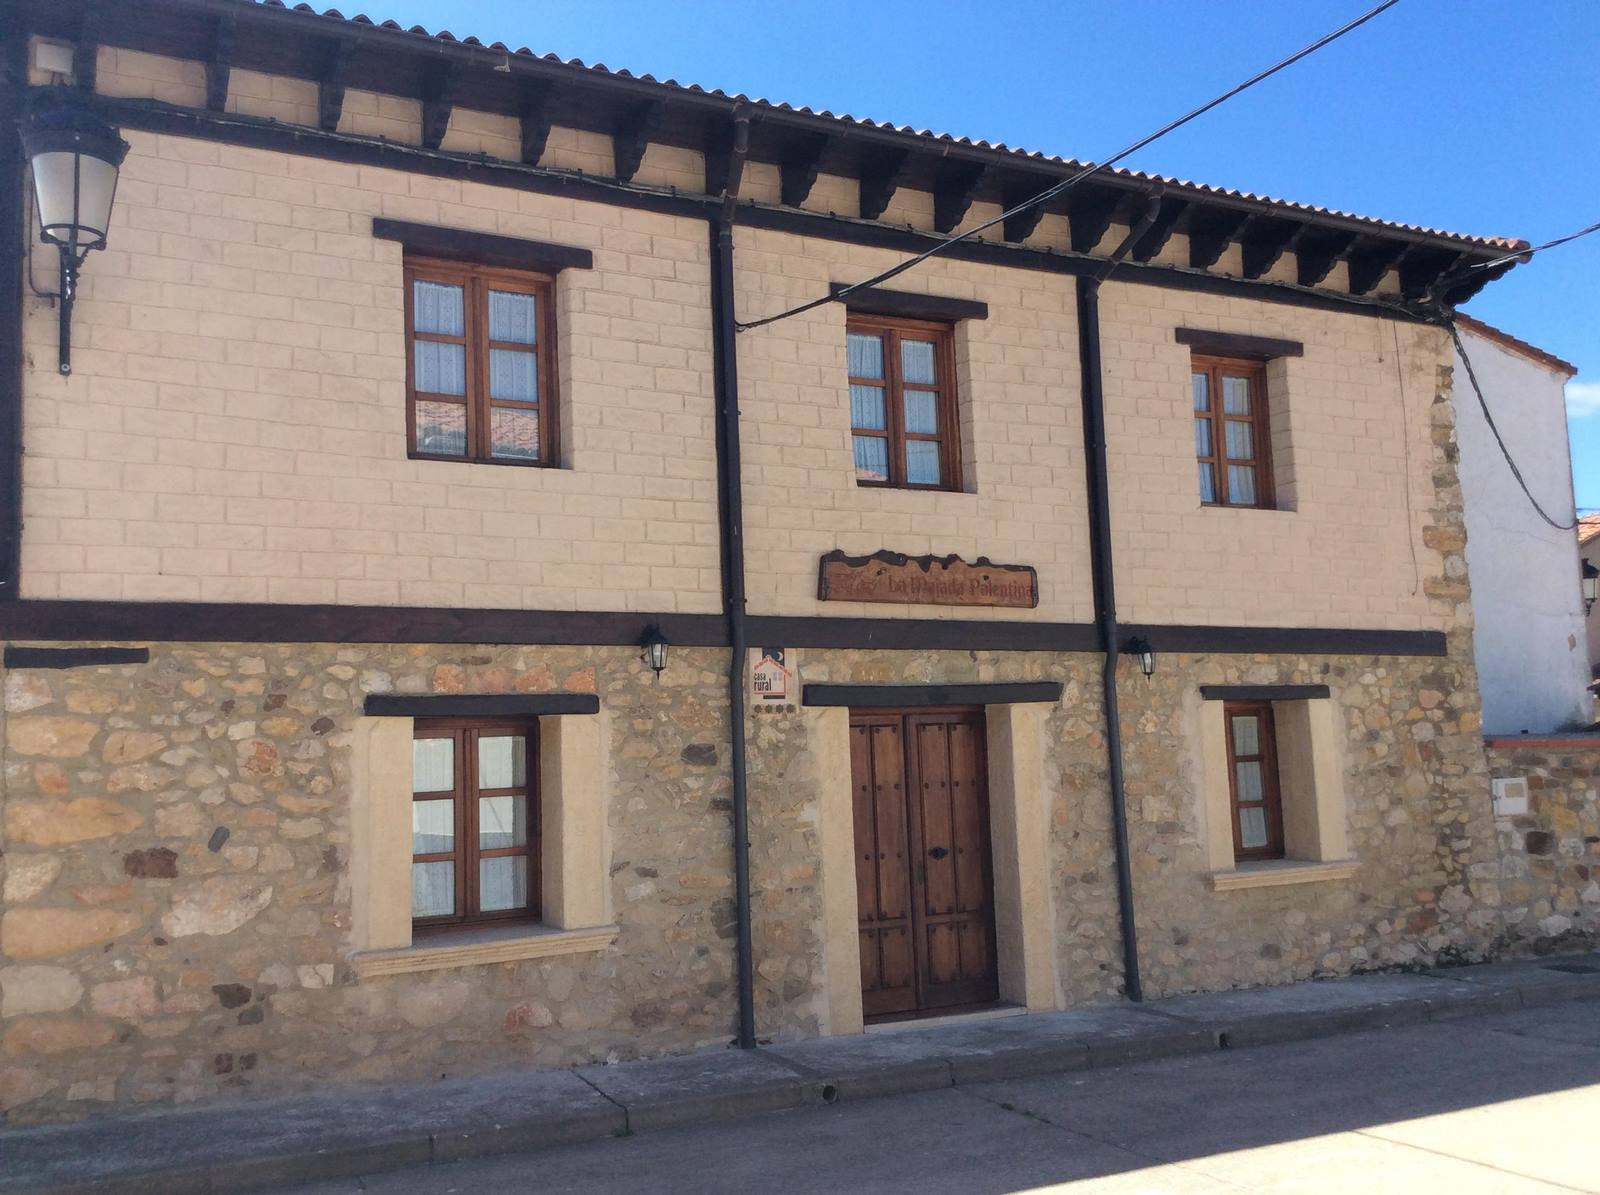 Alquiler vacacional en Villanueva de Arriba, Palencia